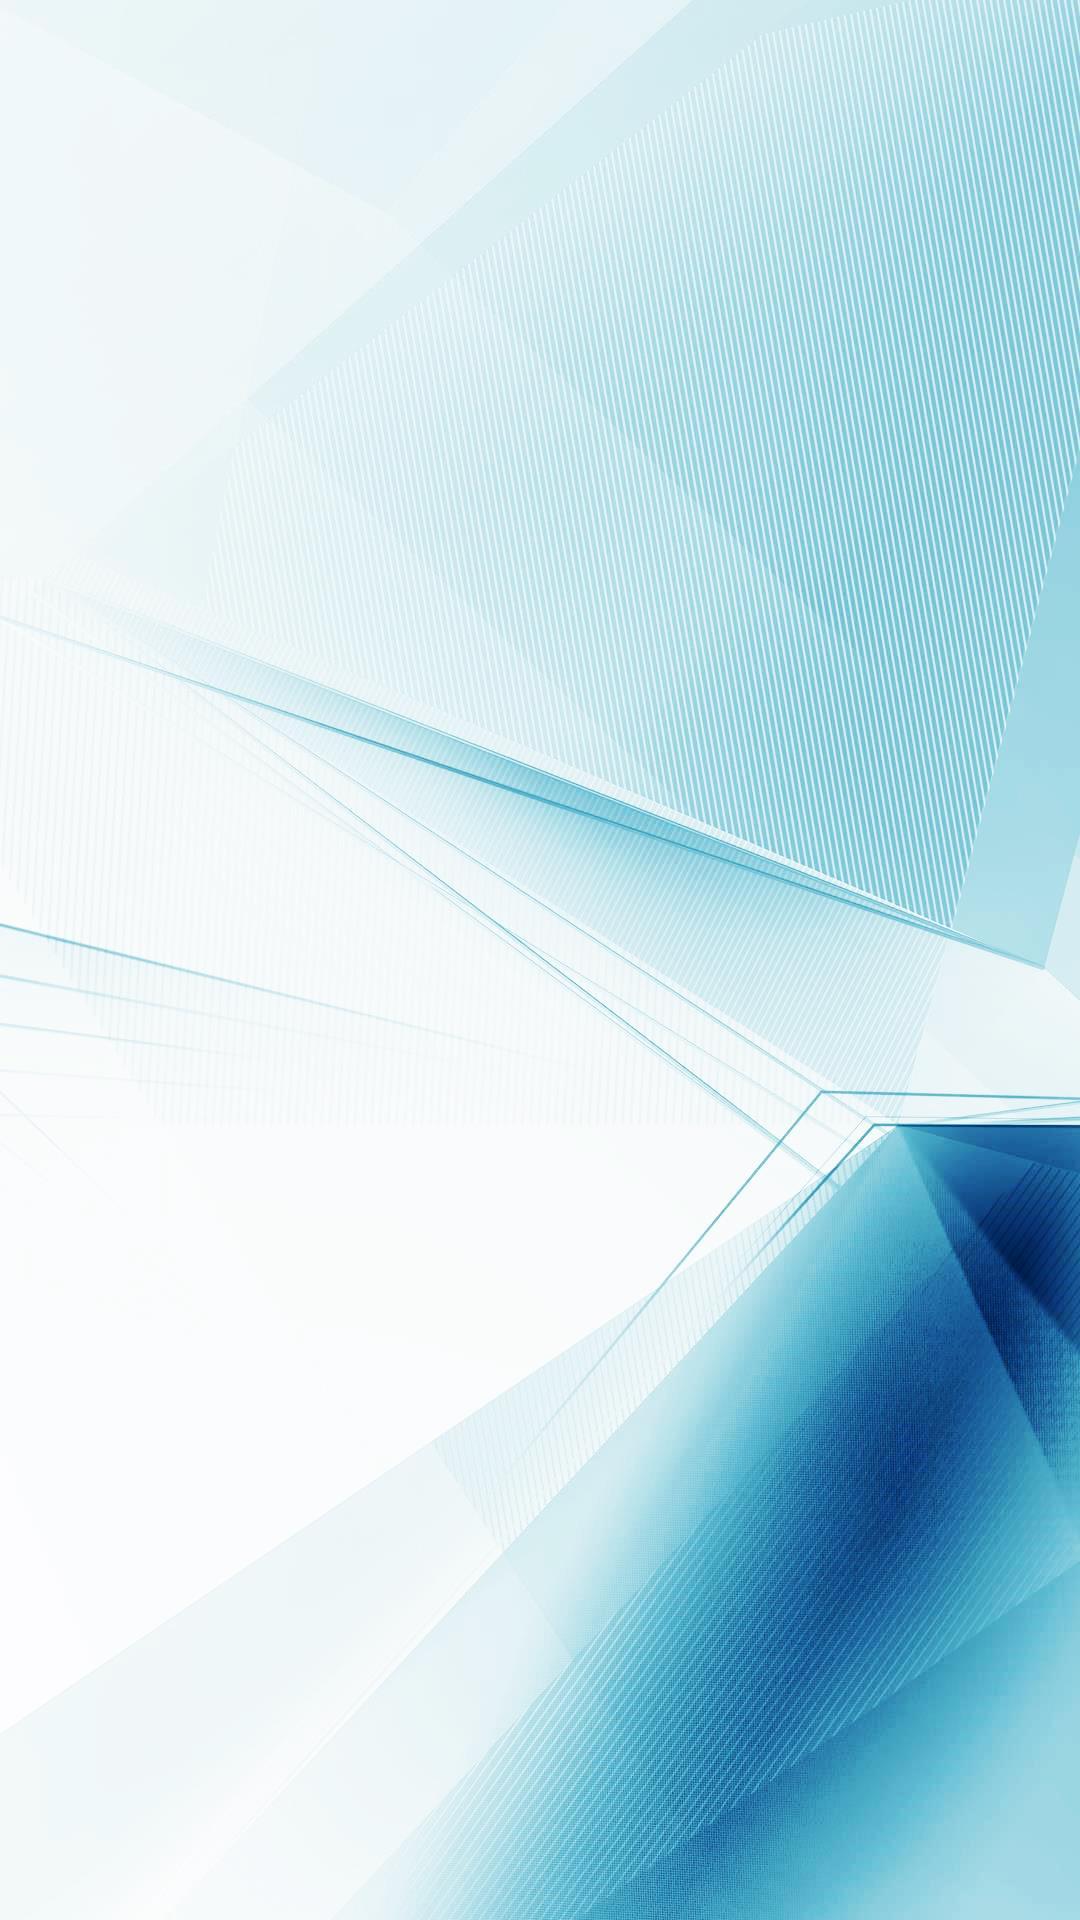 프리즘 컬러 파스텔 에디션 배경화면 (8).jpg